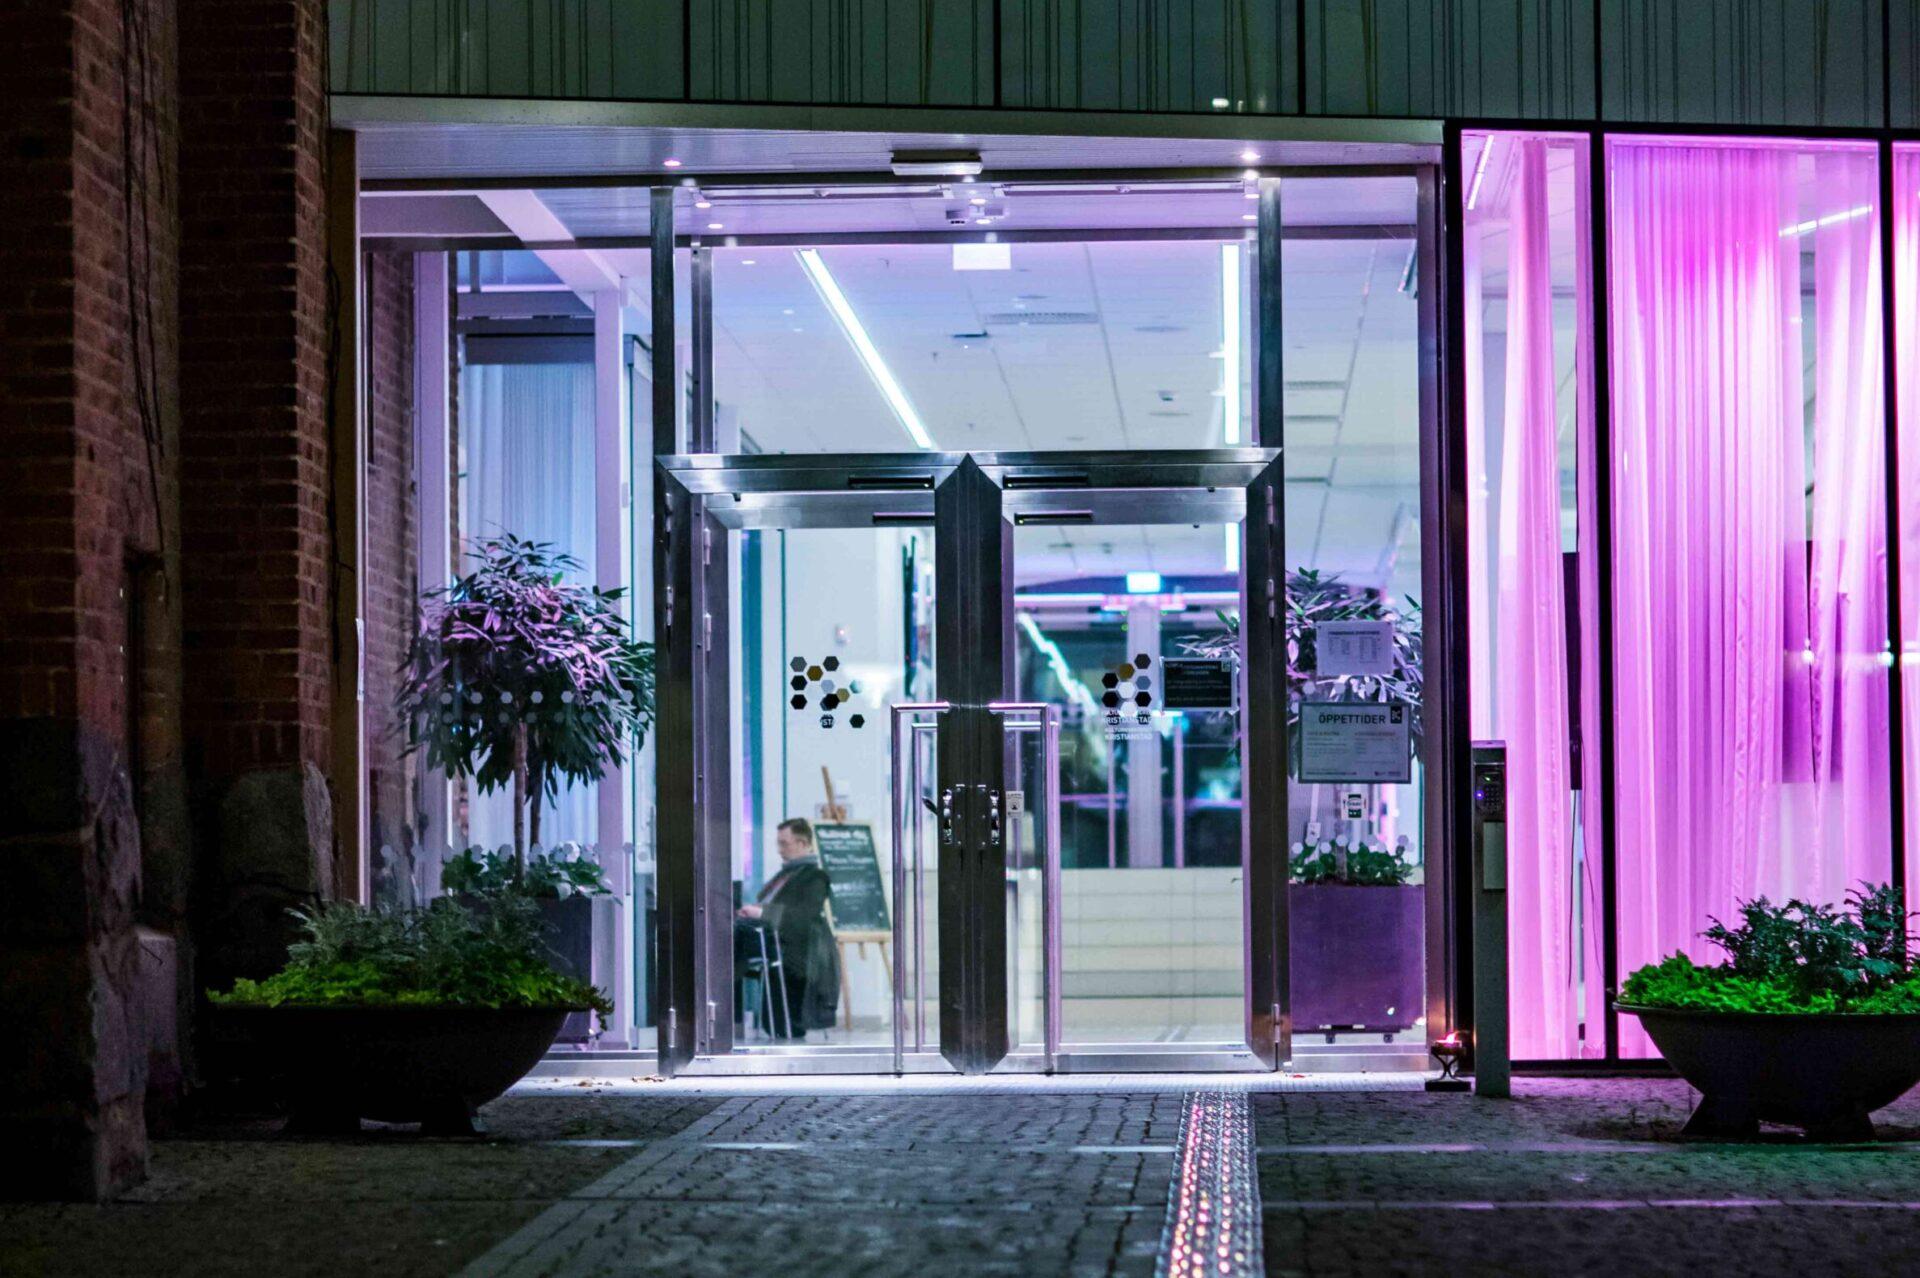 Kulturkvarterets entré med lila belysning